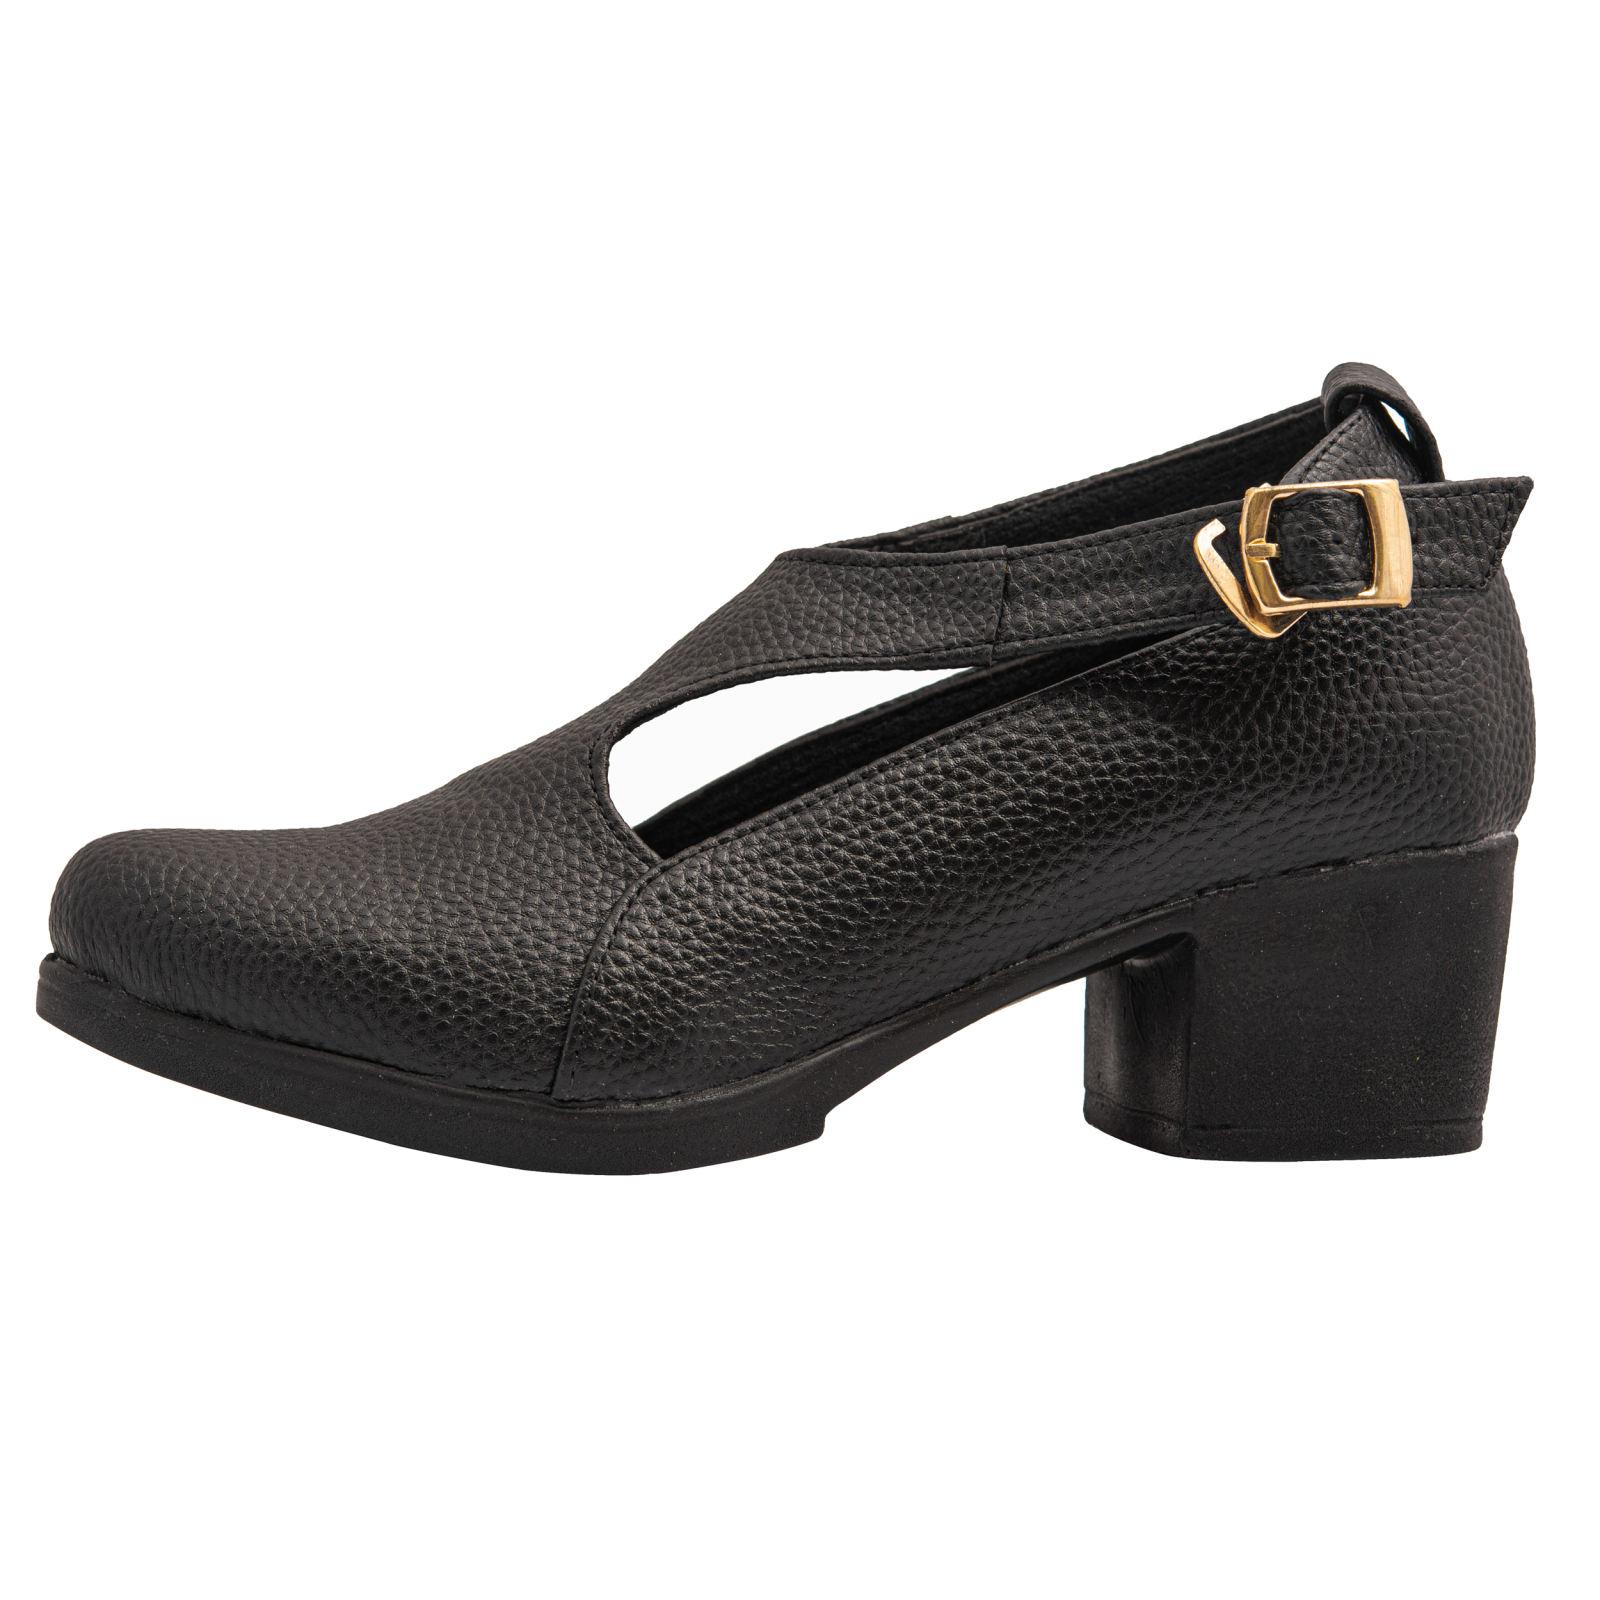 کفش زنانه مدل AZ-2 -  - 2